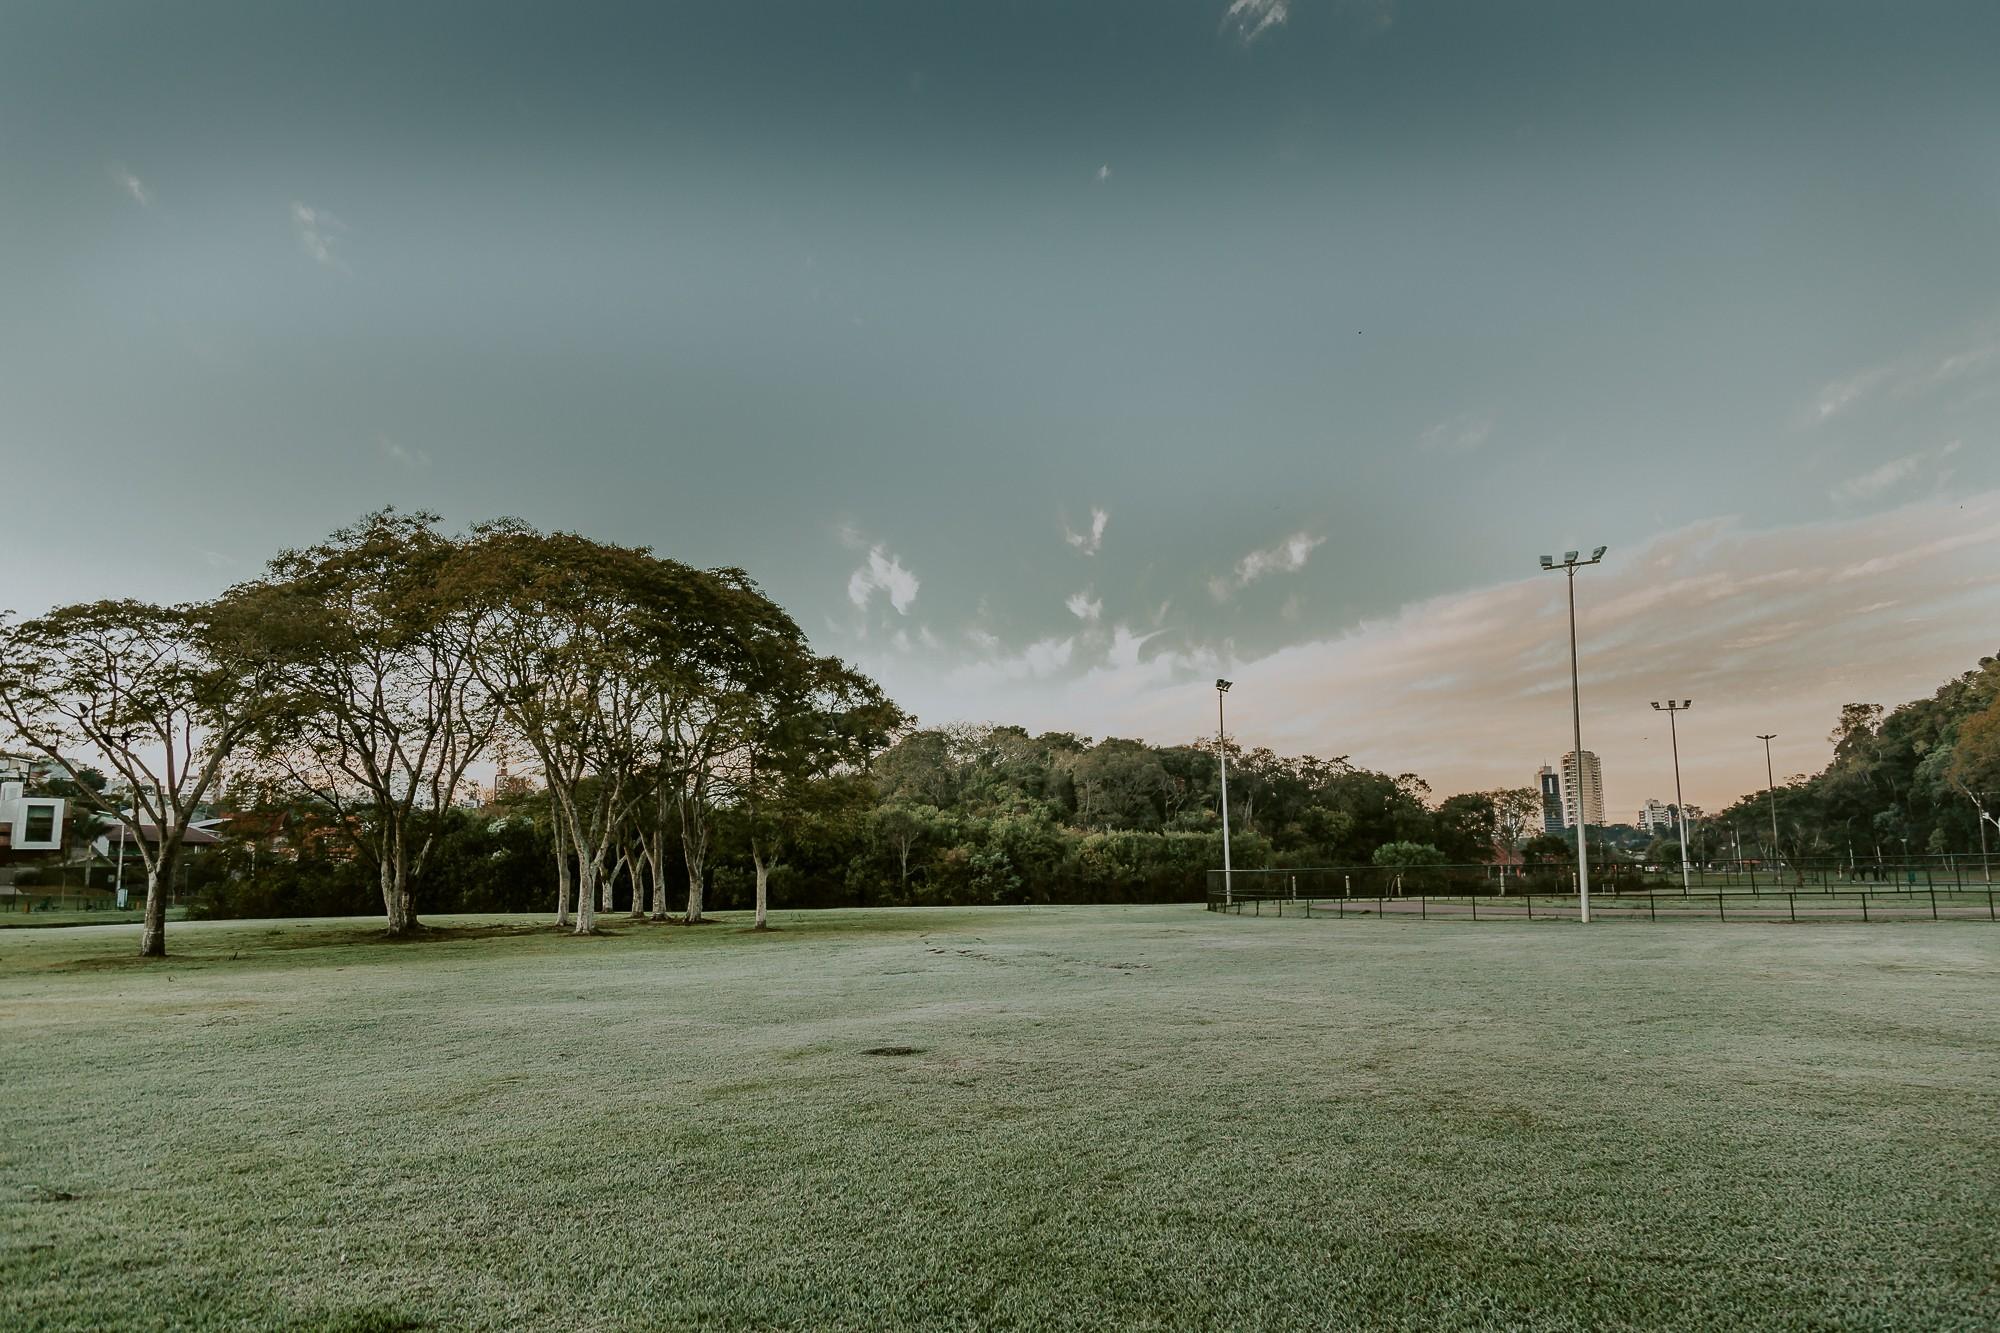 Curitiba registra 3,7ºC e tem o dia mais frio do ano; veja FOTOS da geada